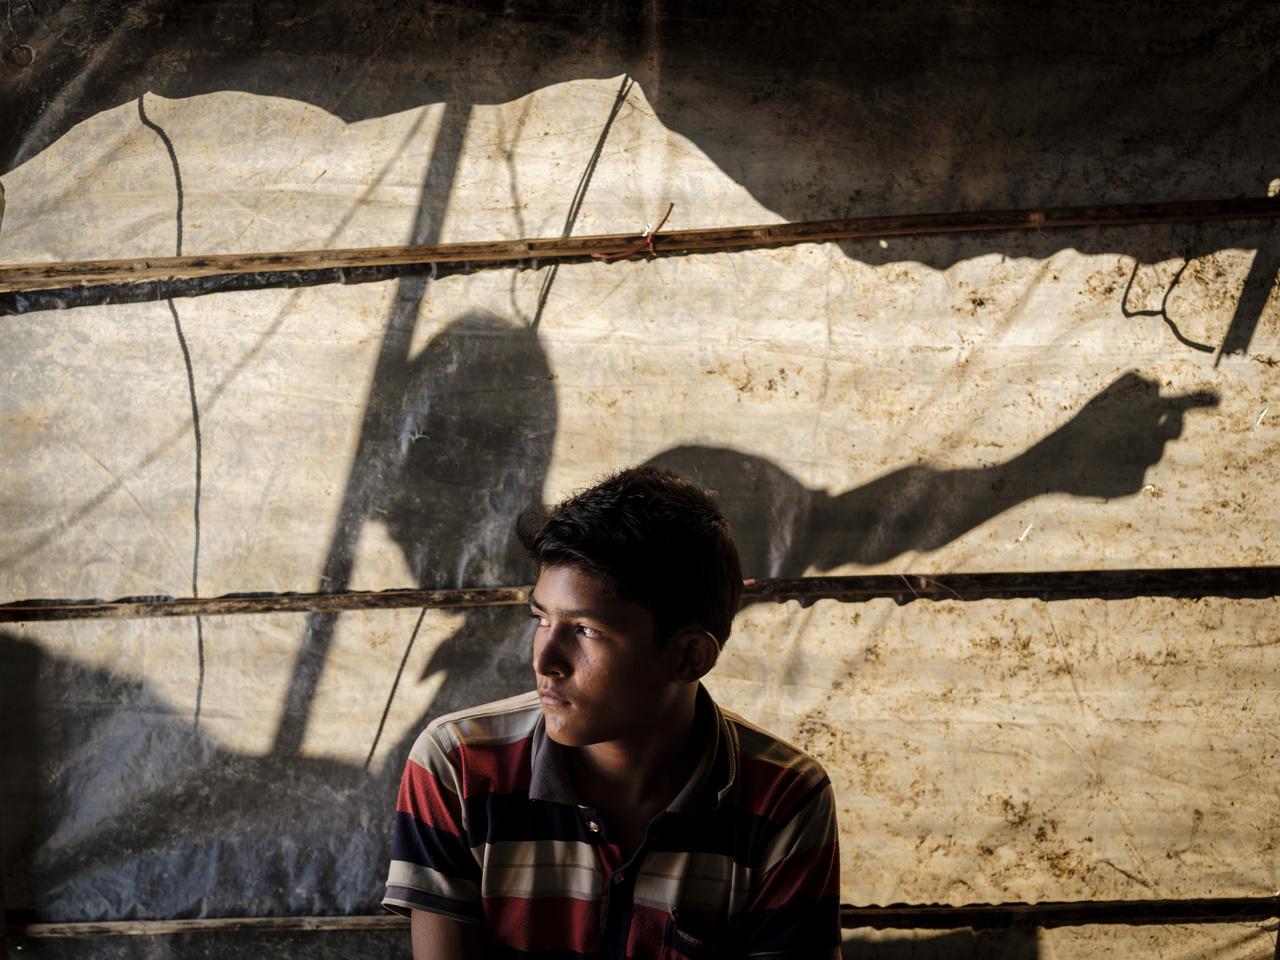 A 16 éves Mohammed Rafik is Tula Toliból menekült. A Bangladesbe tartó úton minden egyes buszt és kamiont végigellenőrzött, hátha megtalálja a családtagjait, majd az egyiken rábukkant két testvérére. Családjából csak ők hárman élték túl a mészárlást.